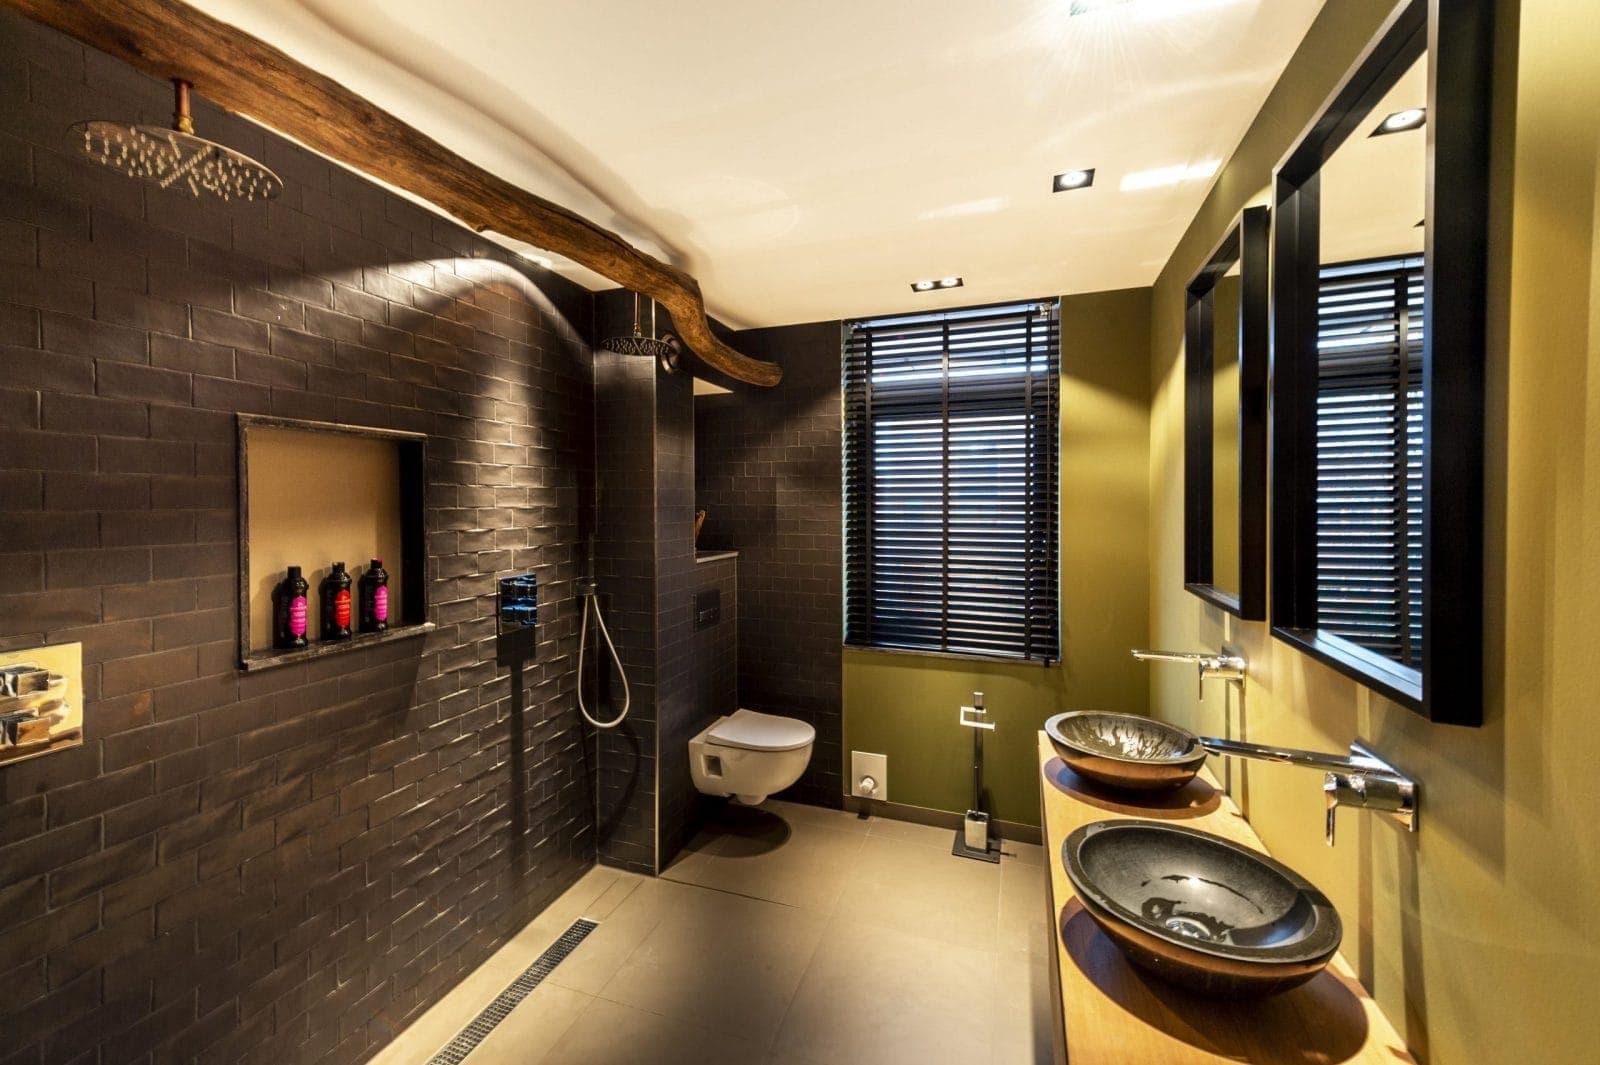 Badkamer op maat laten maken in Schiedam